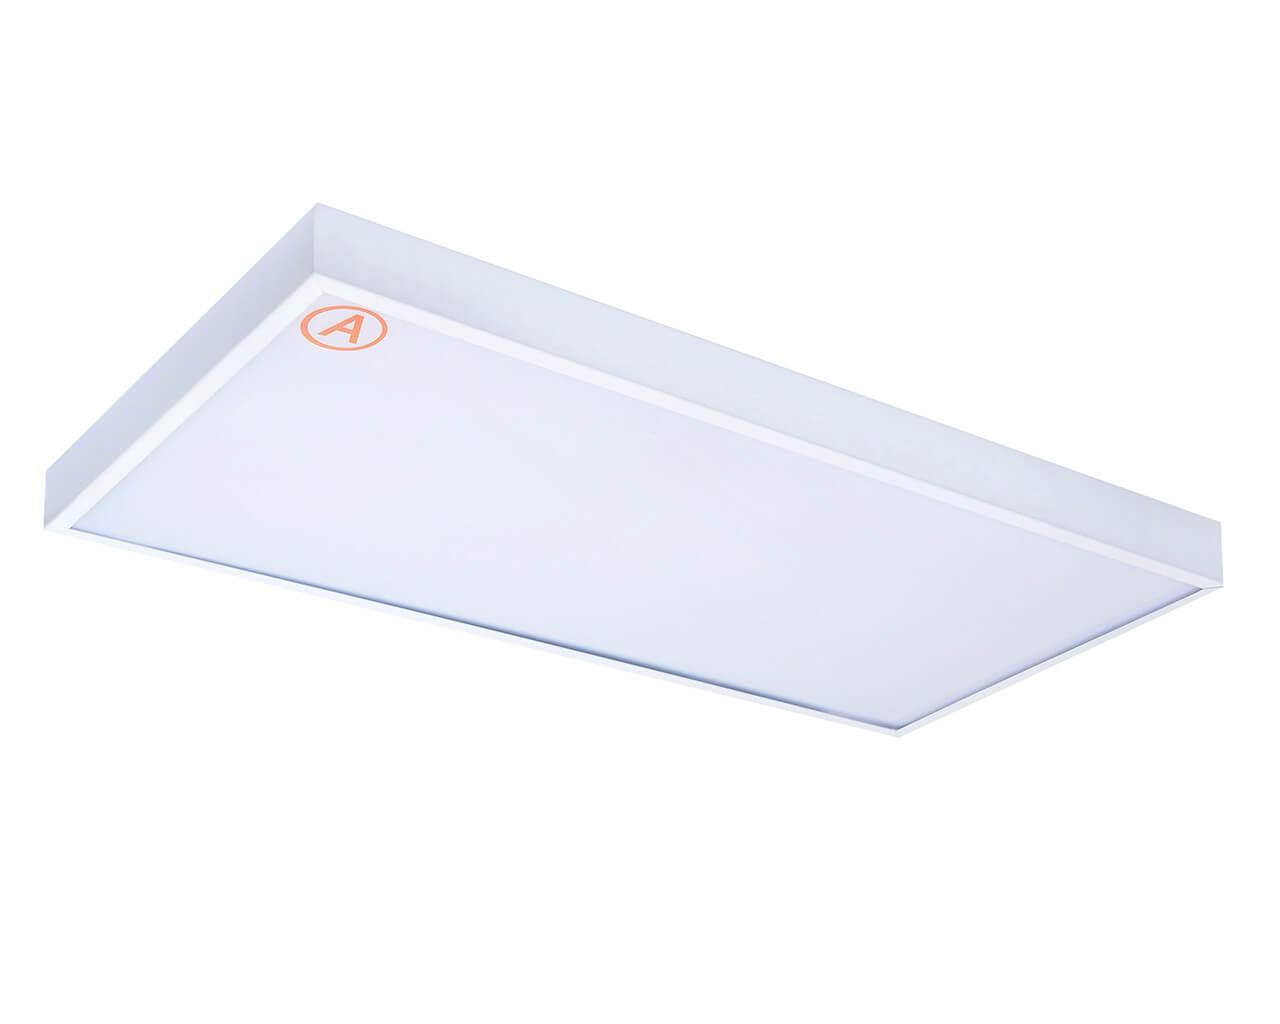 Накладной светильник LC-NSM-40K-OP-WW ватт 595x295 Теплый белый Опал Бап 3 часа